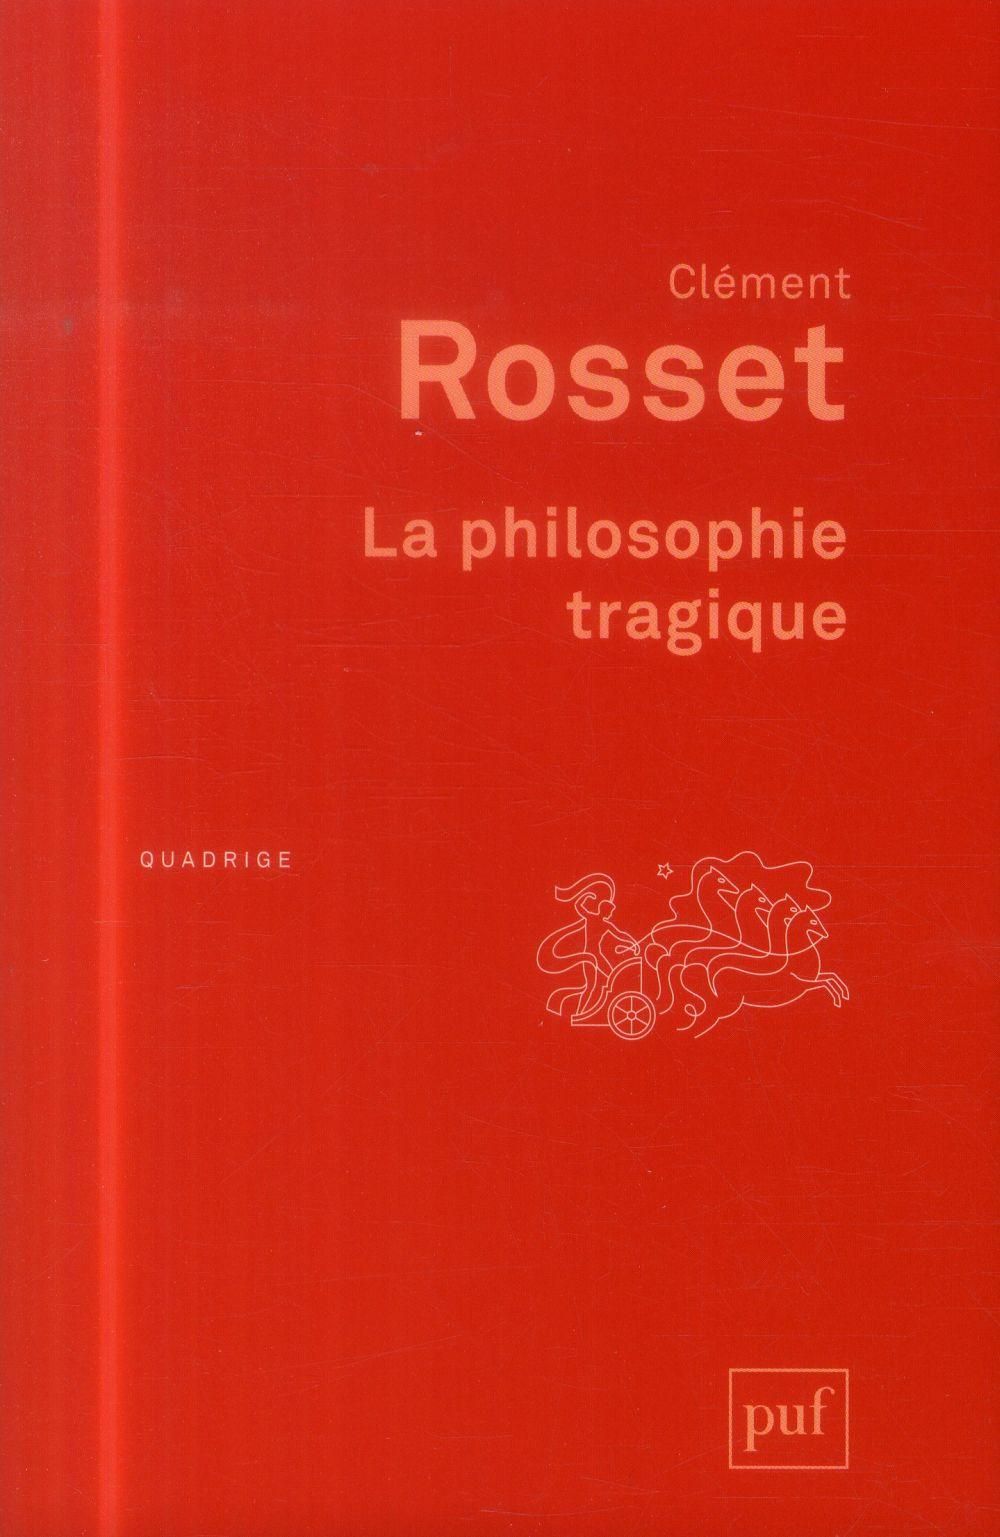 La philosophie tragique (3e édition)